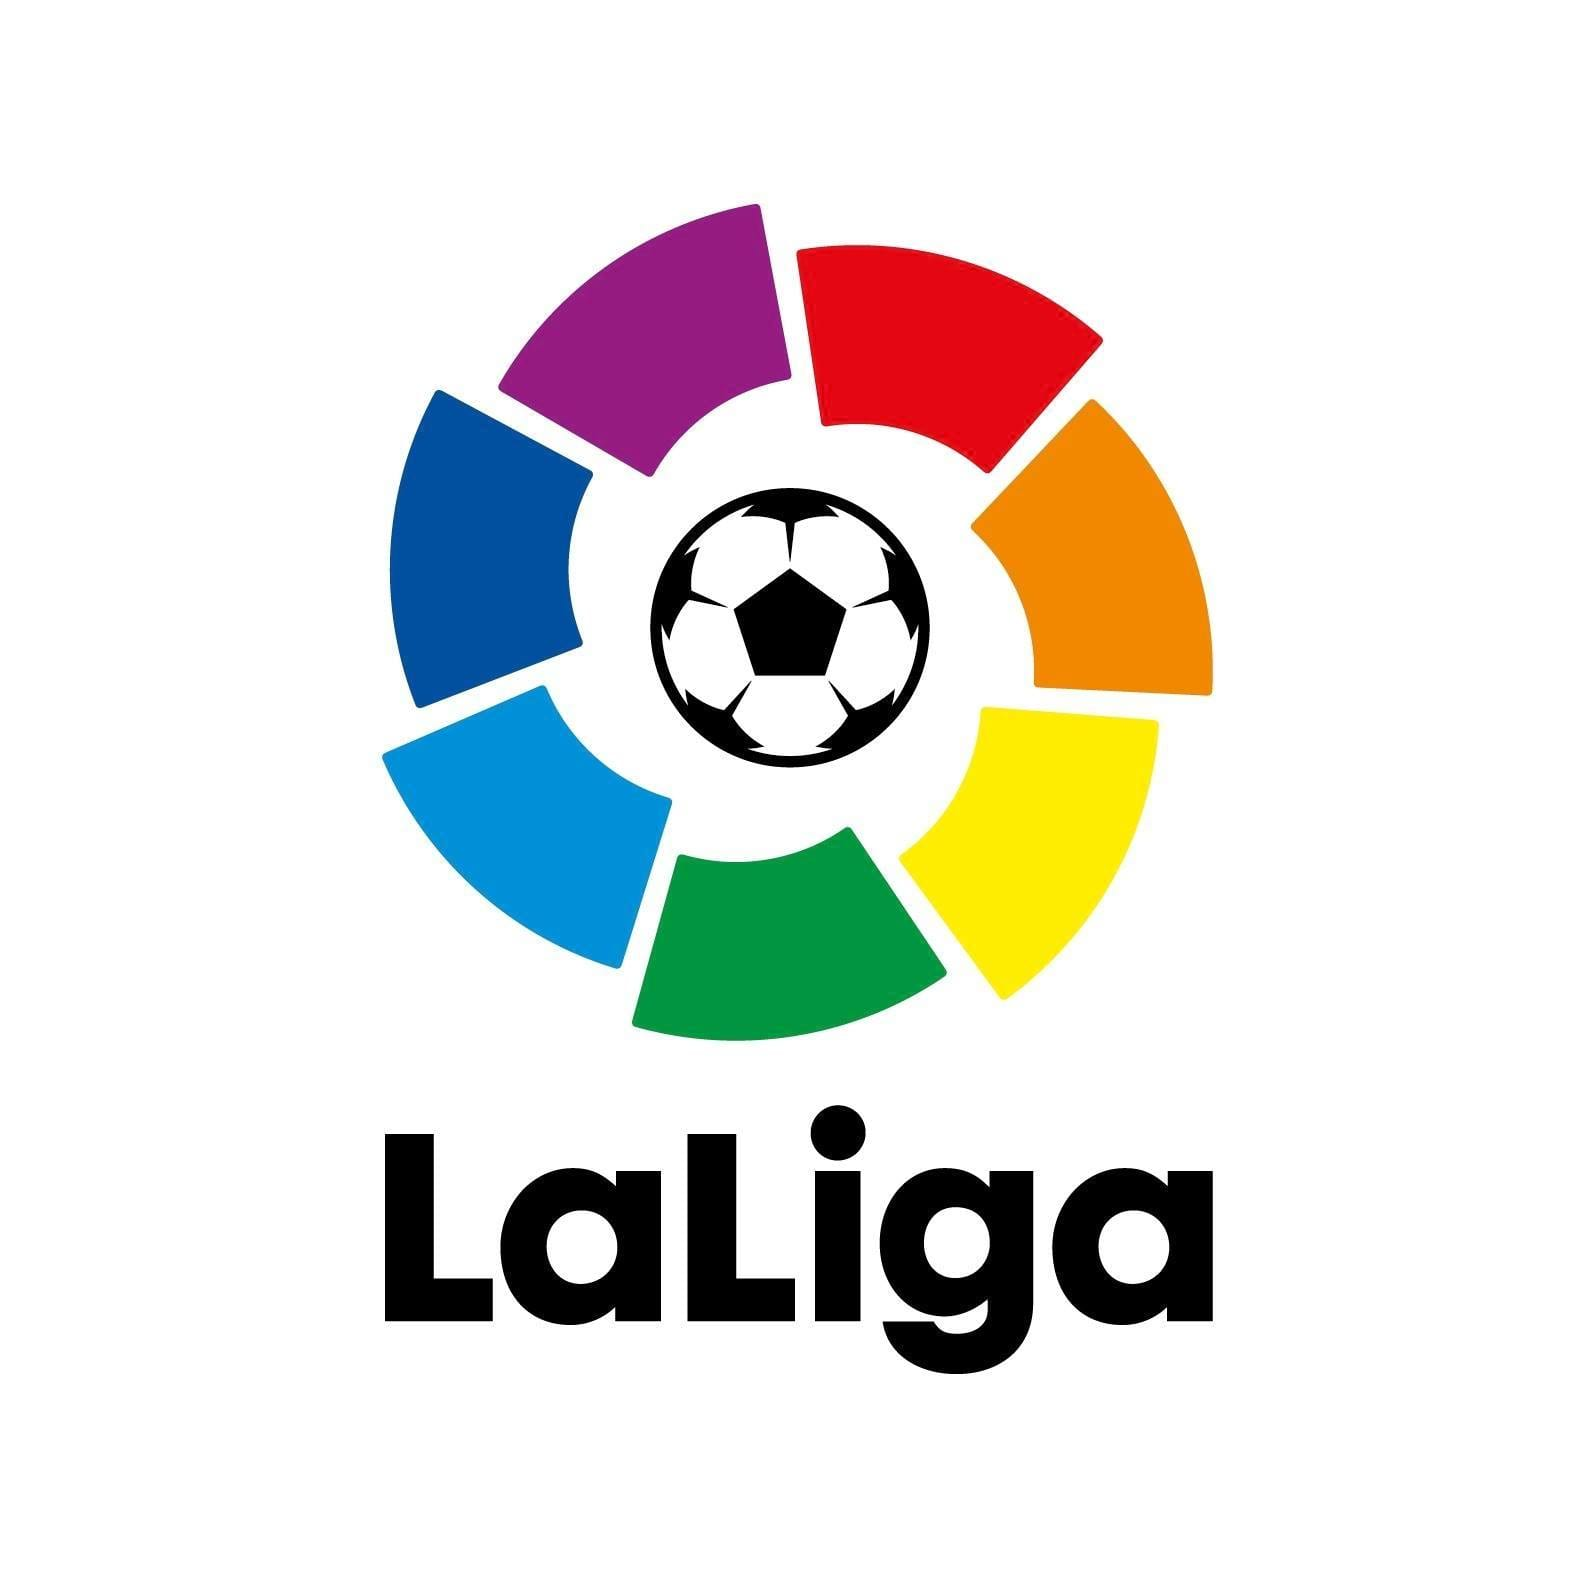 LaLiga логотип картинка